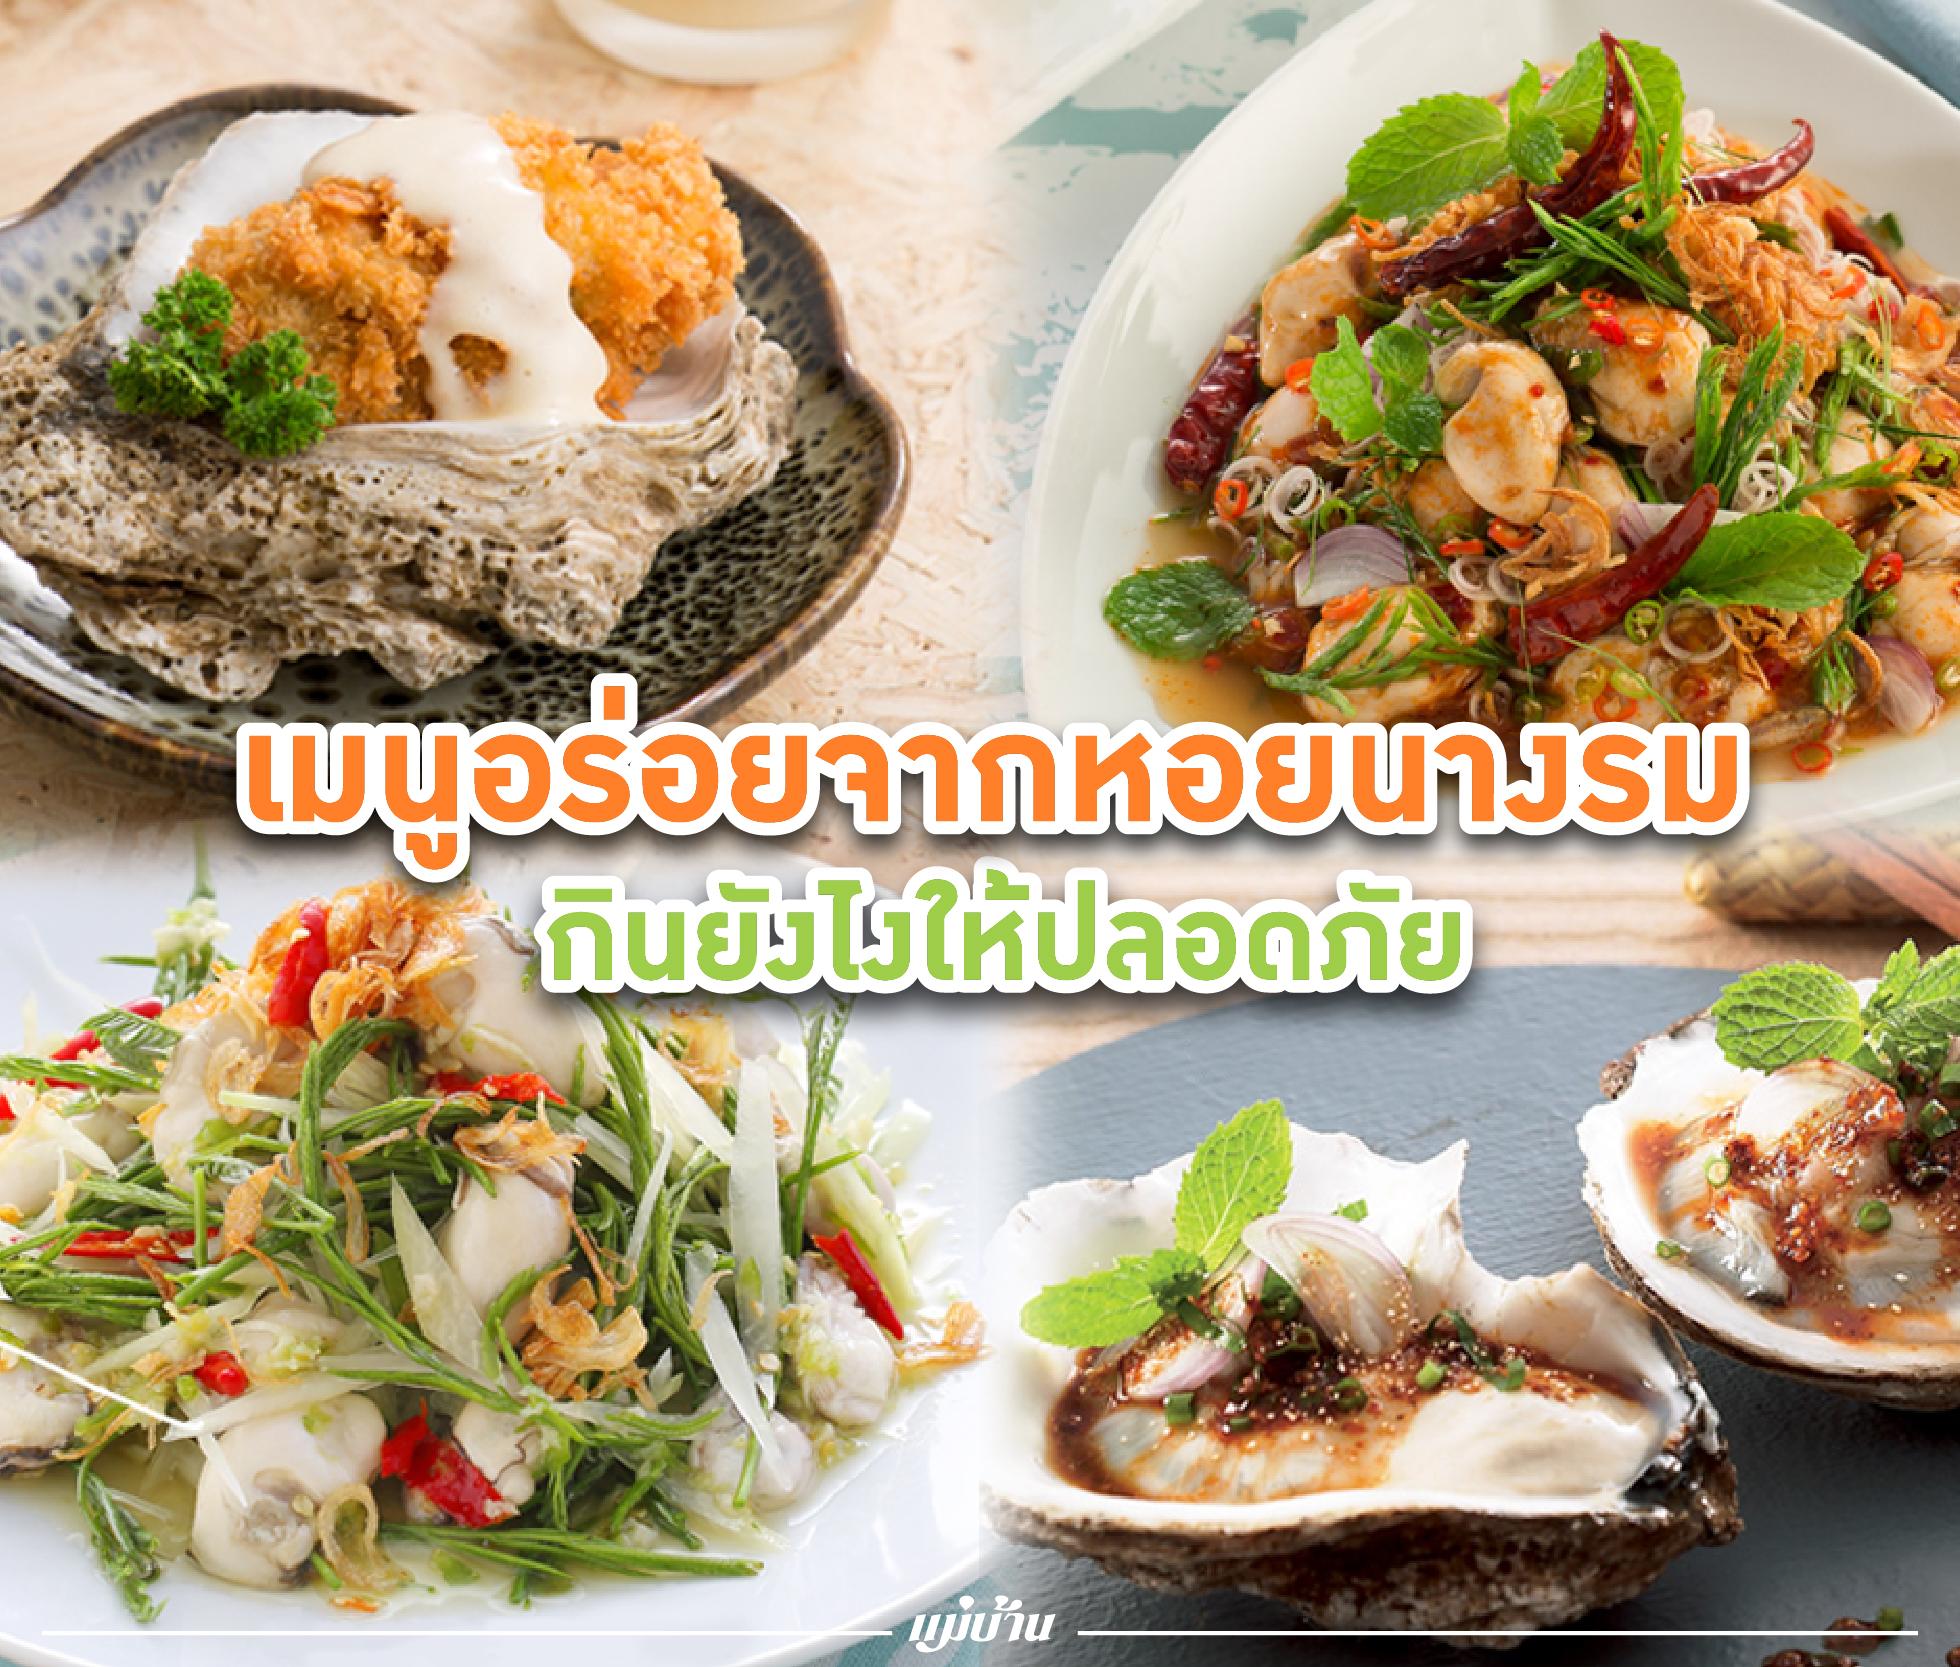 กินยังไงให้ปลอดภัย เมนูอร่อยจากหอยนางรม สำนักพิมพ์แม่บ้าน